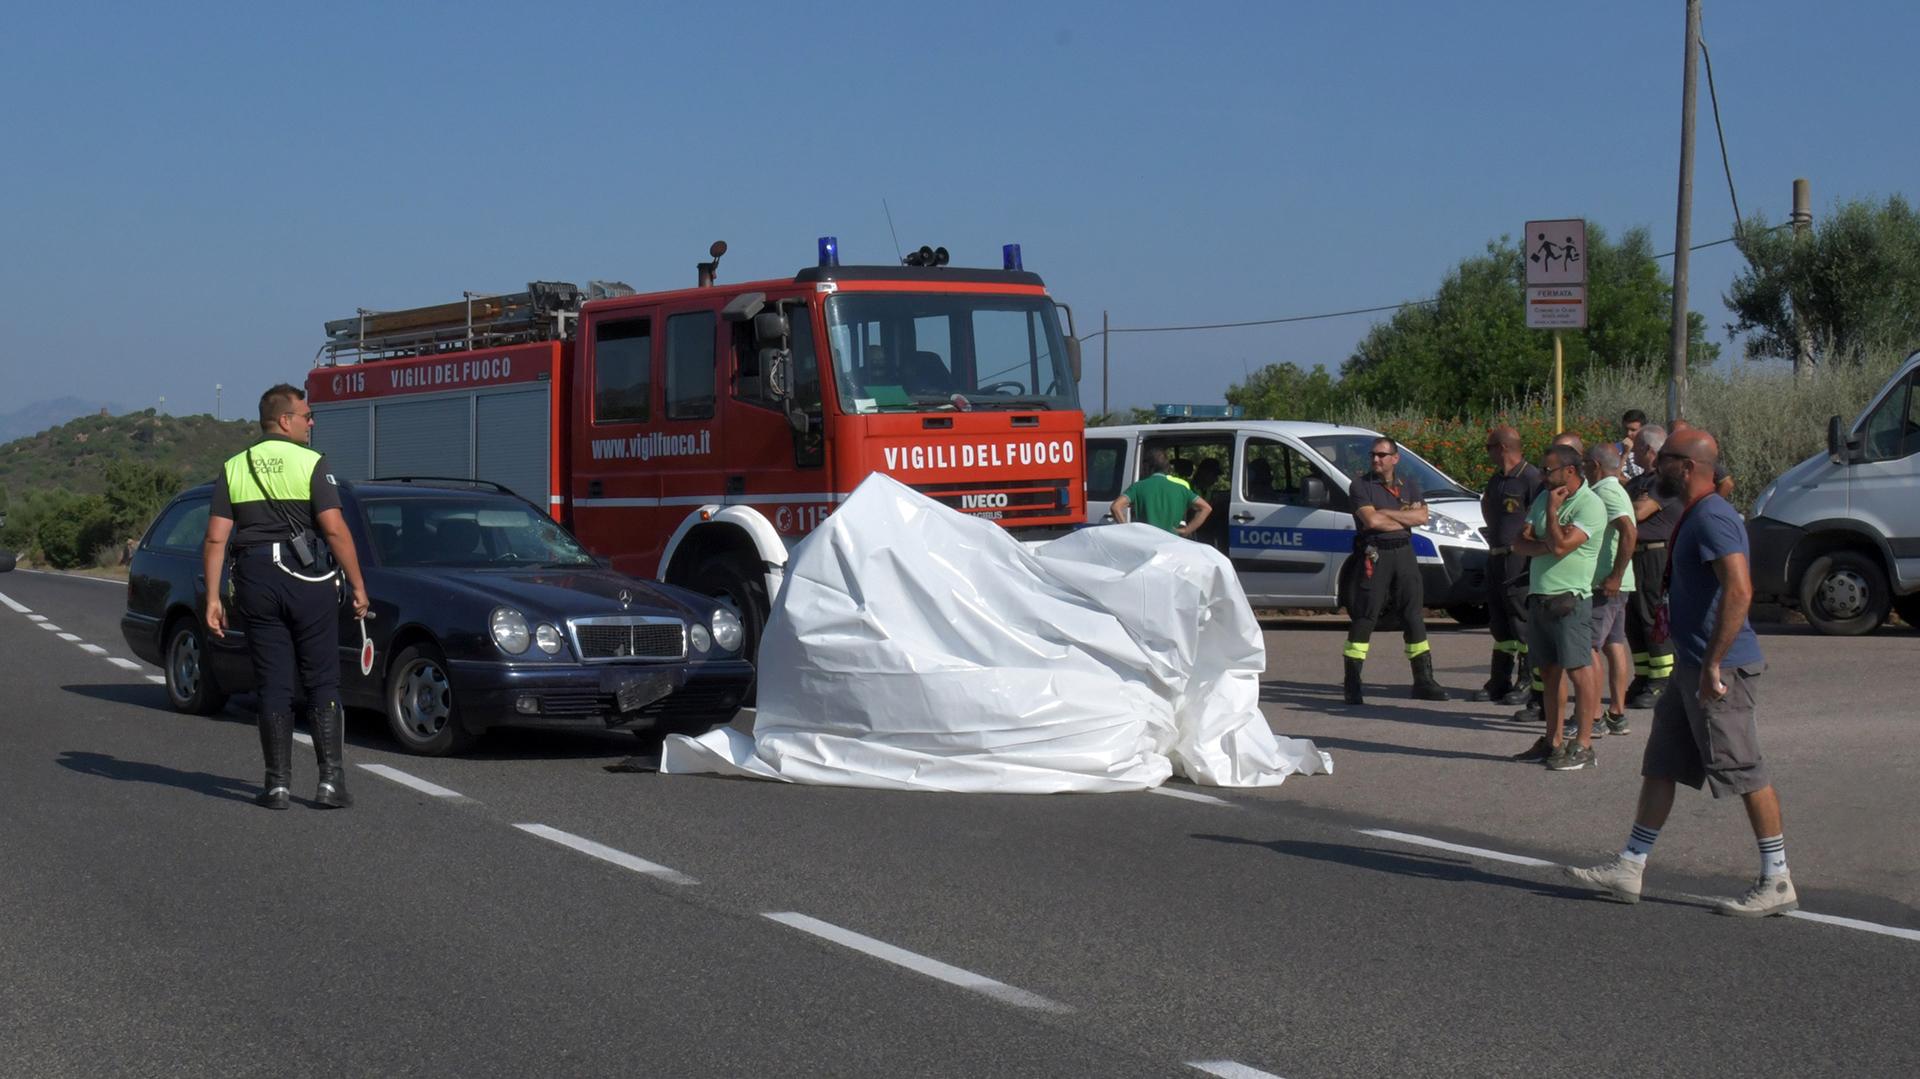 La motocicleta de George Clooney fue cubierta con una tela blanca tras el accidente.